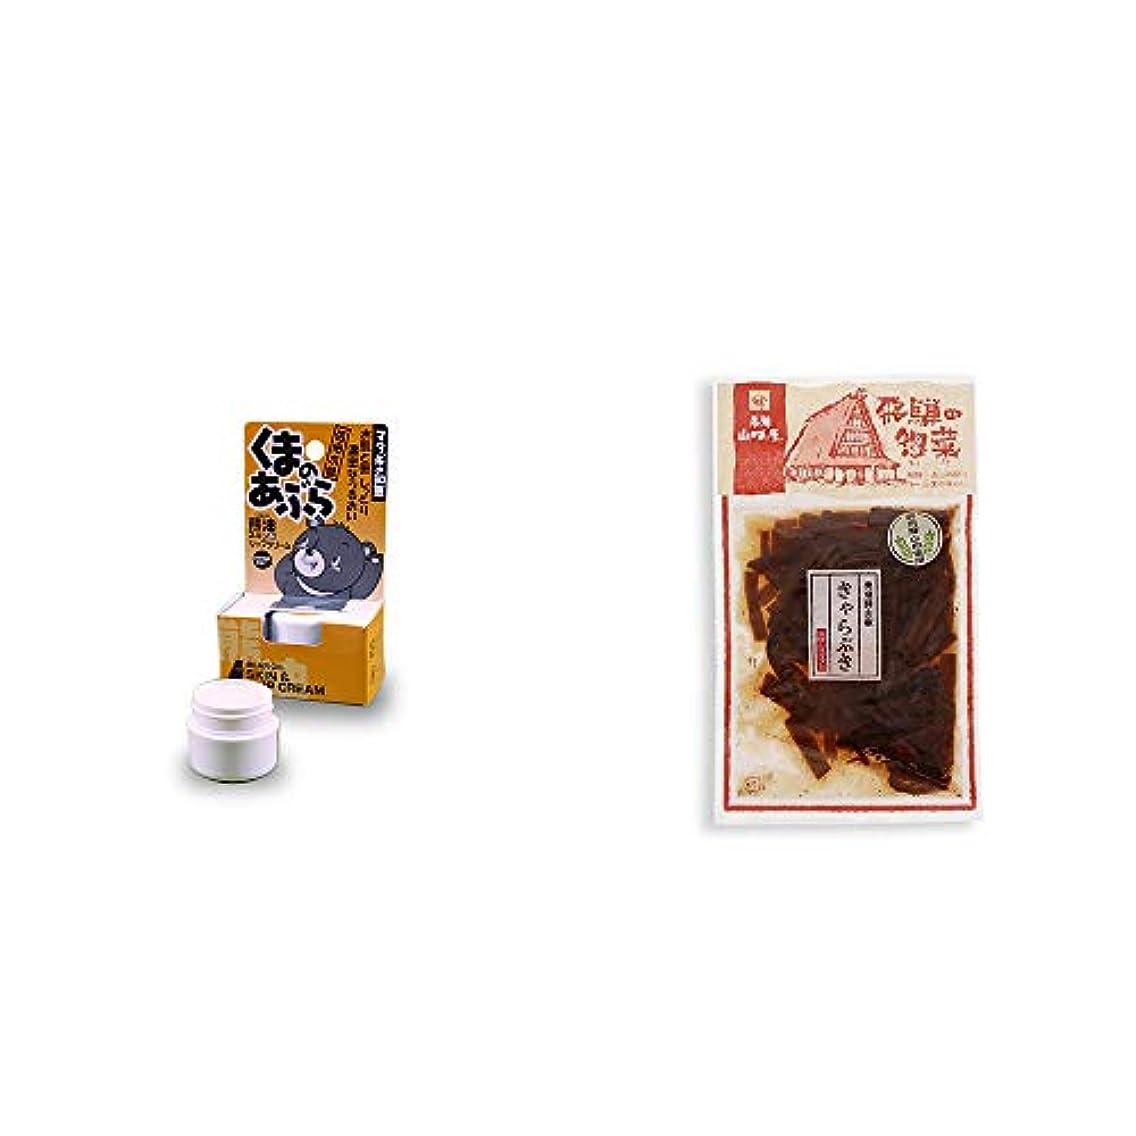 スナックオーナー製油所[2点セット] 信州木曽 くまのあぶら 熊油スキン&リップクリーム(9g)?飛騨山味屋 奥飛騨山椒きゃらぶき(120g)